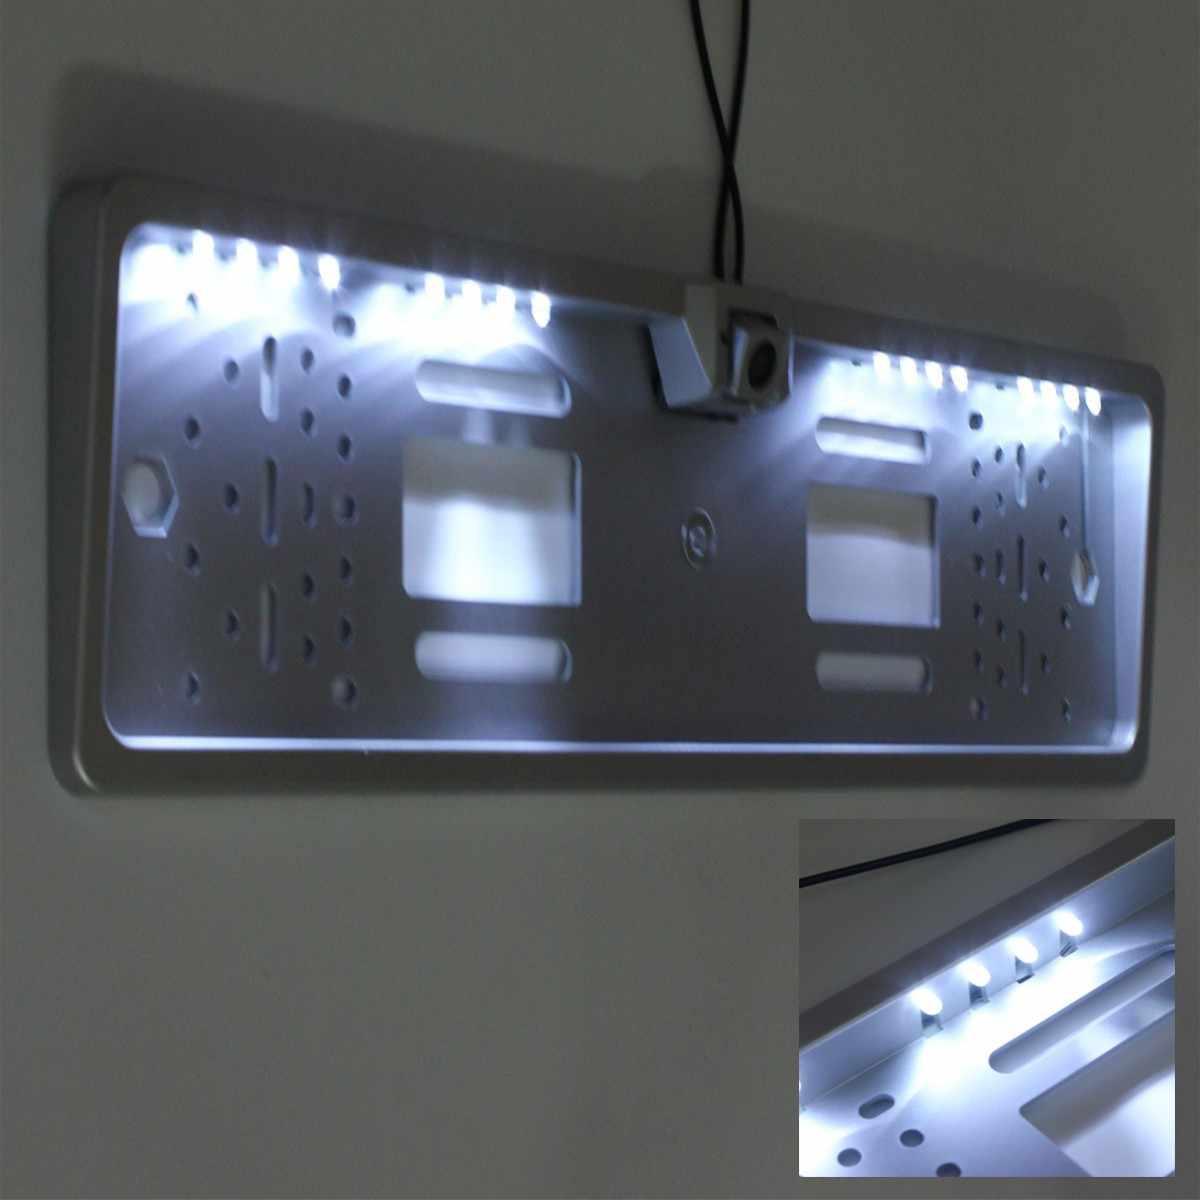 Комплект Car 16 Светодиодный номерной знак рамка света заднего вида Камера парковка реверсивном 170 градусов широкий угол обзора